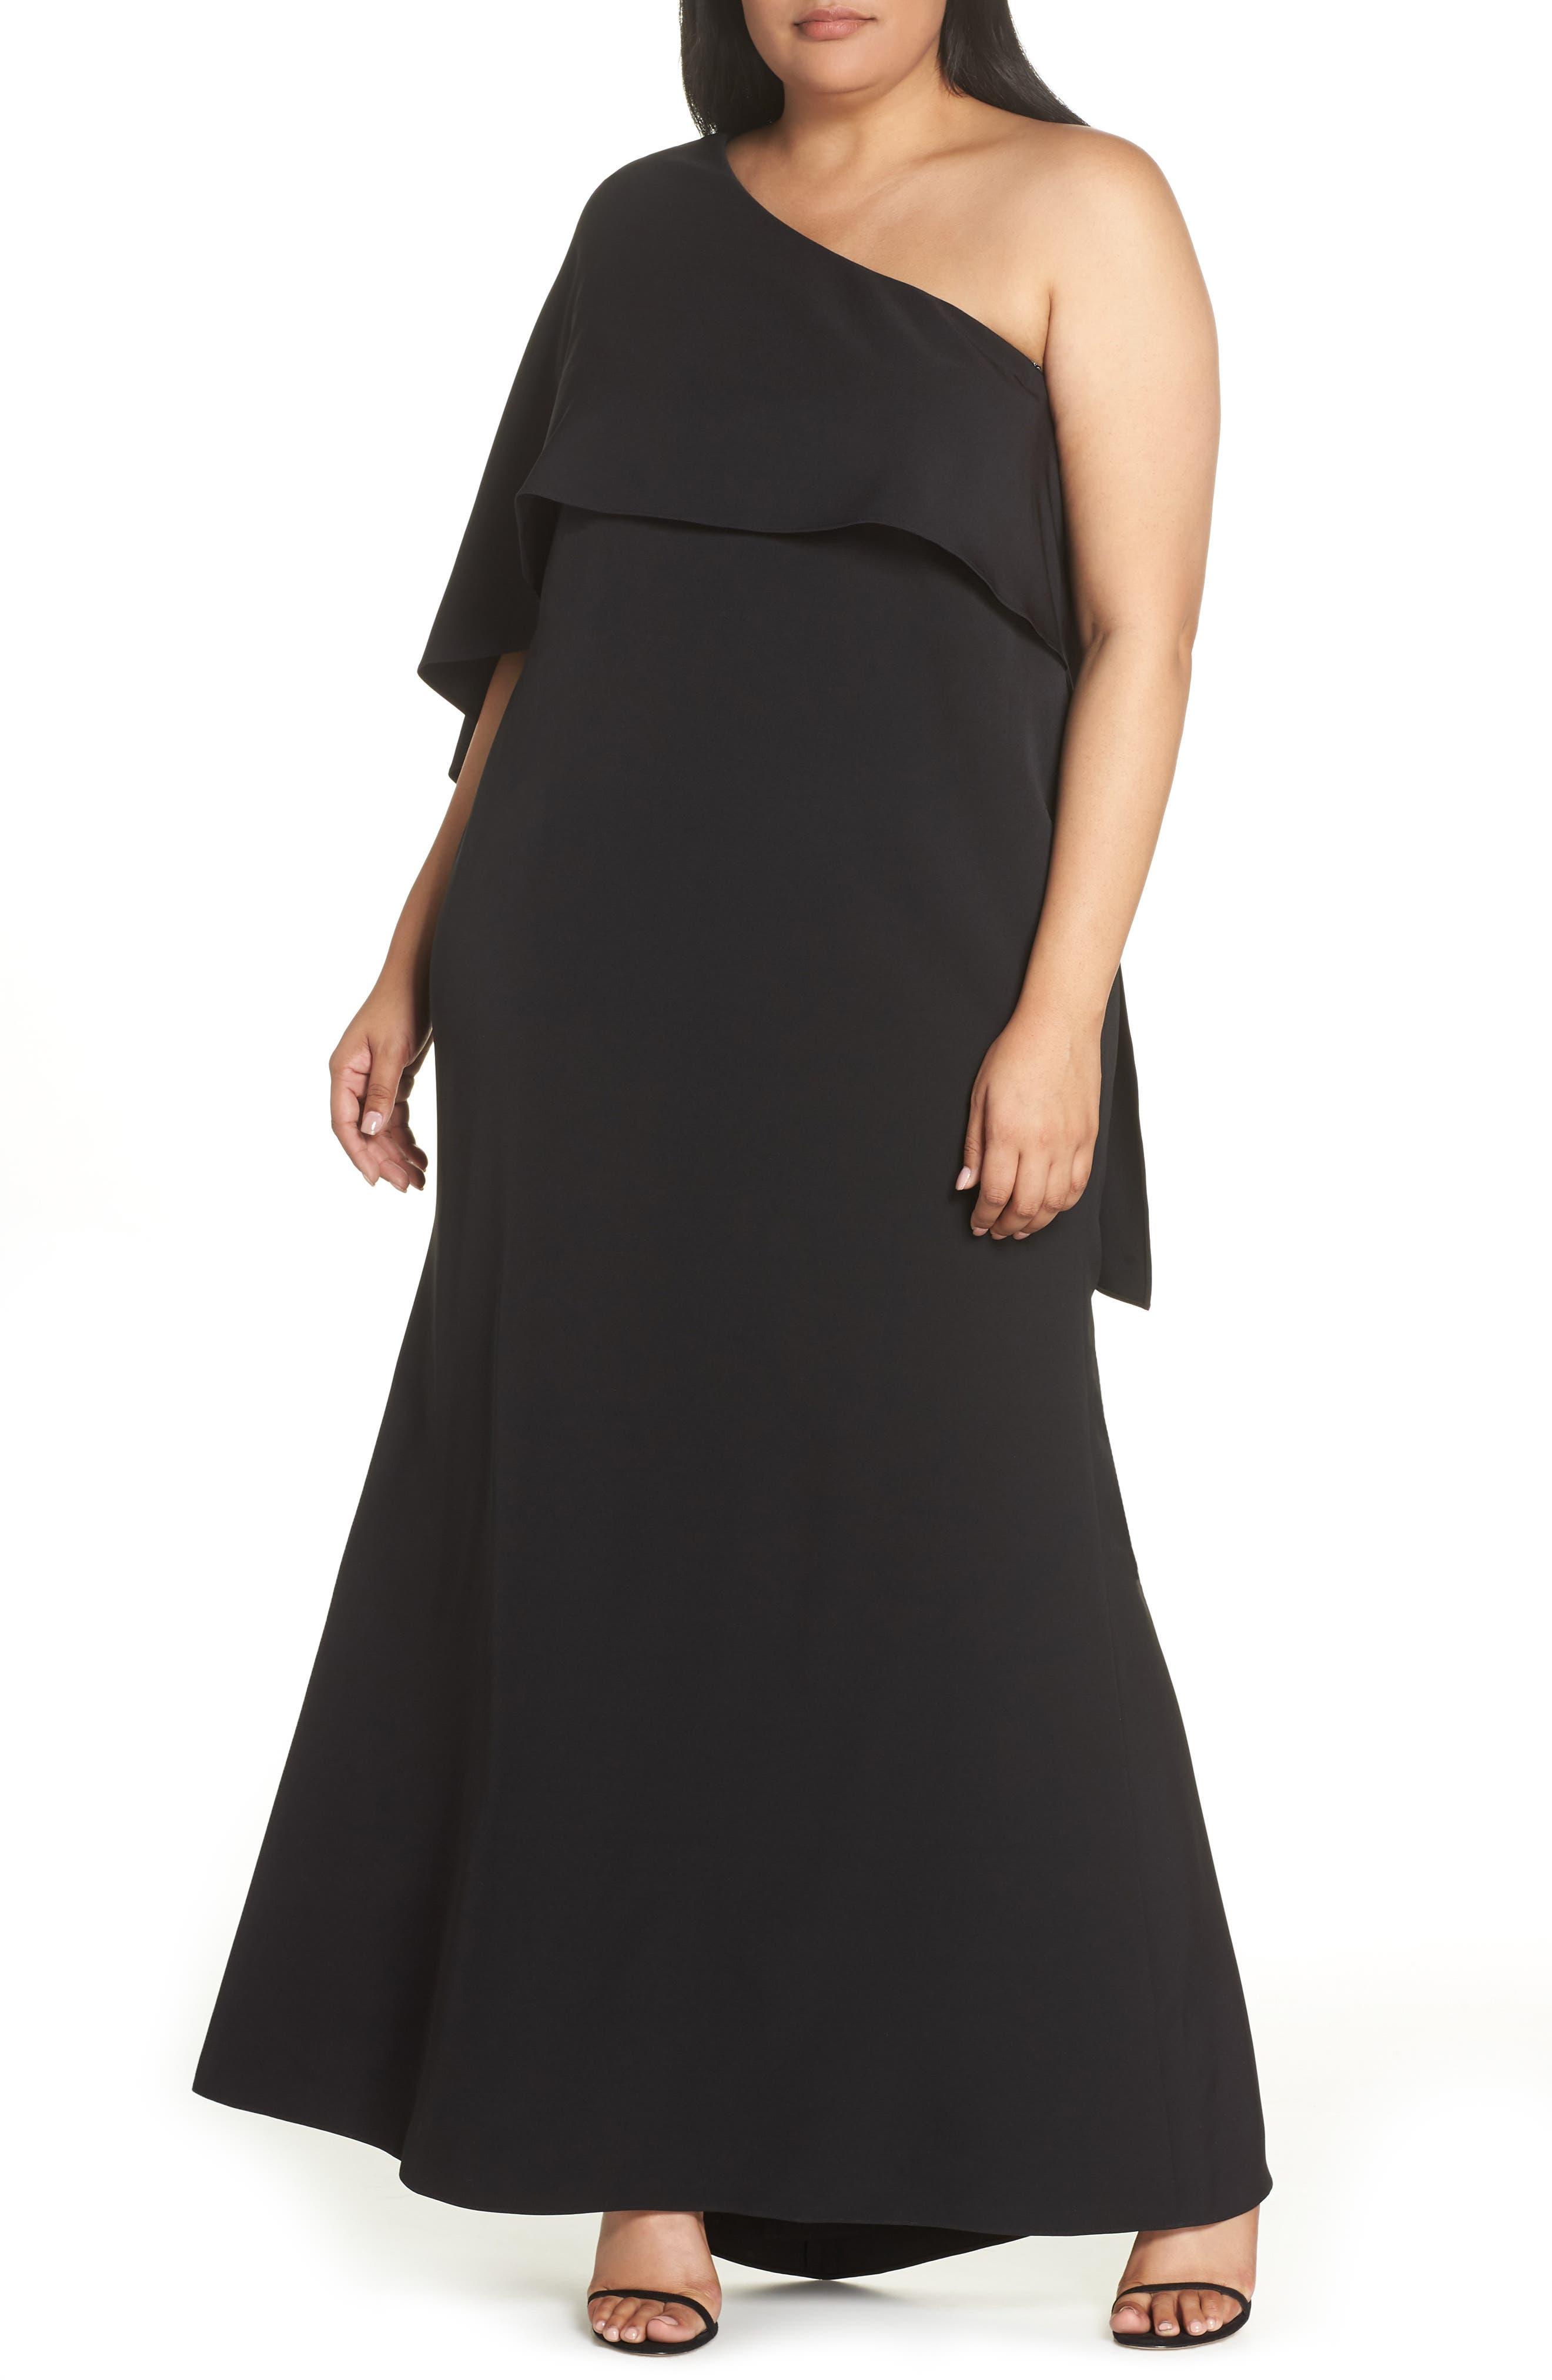 VINCE CAMUTO, One-Shoulder Cape Gown, Main thumbnail 1, color, BLACK